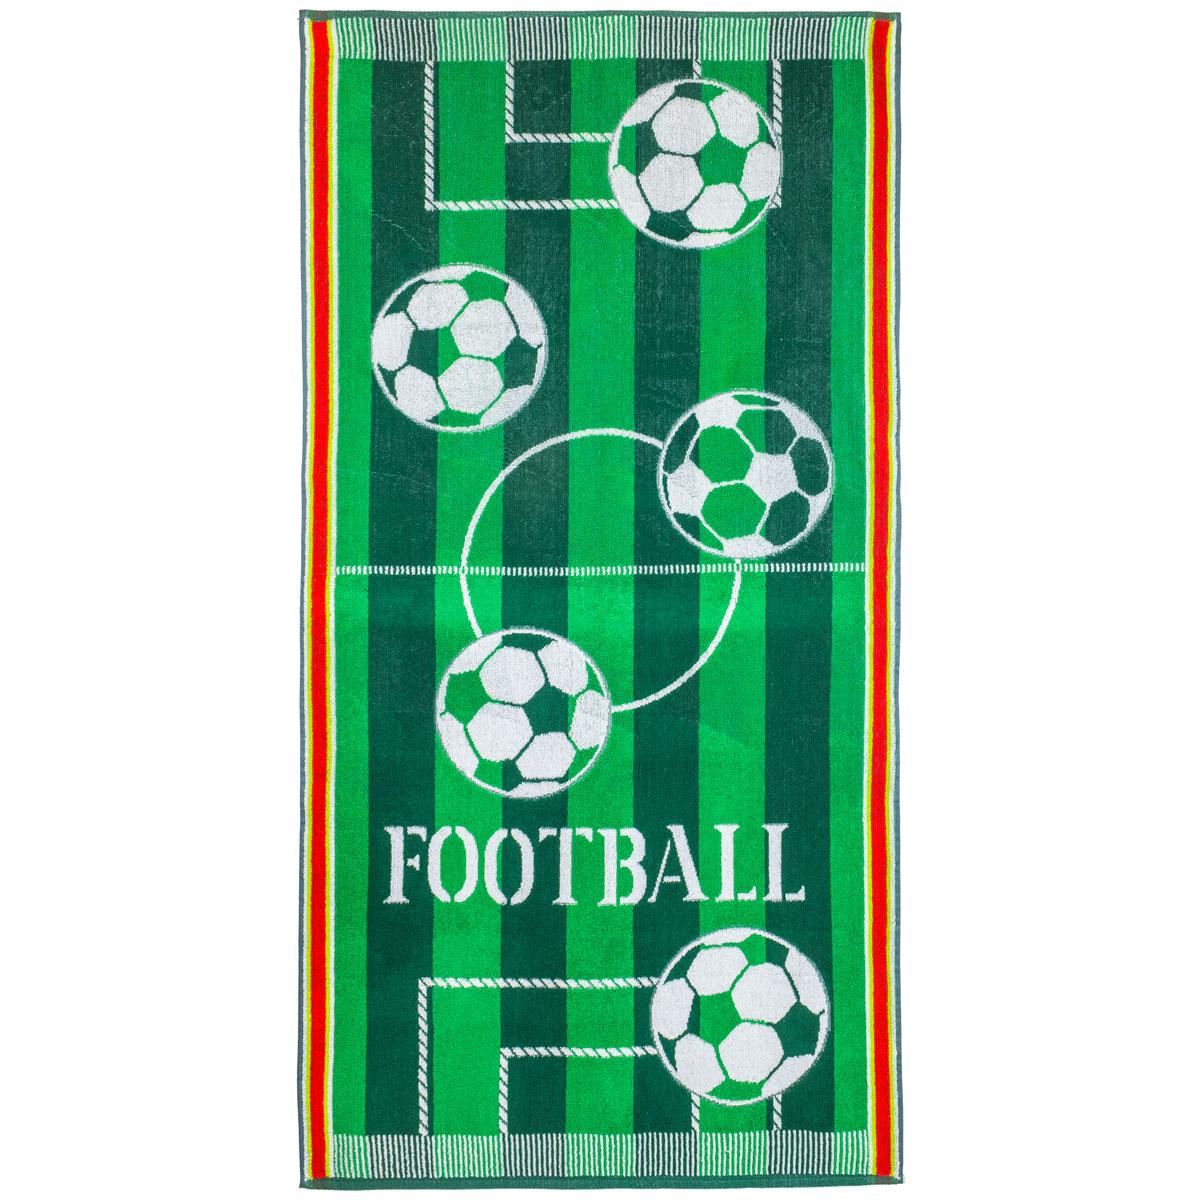 Полотенце  Футбол  р. 70х140 - Текстиль для дома артикул: 29874